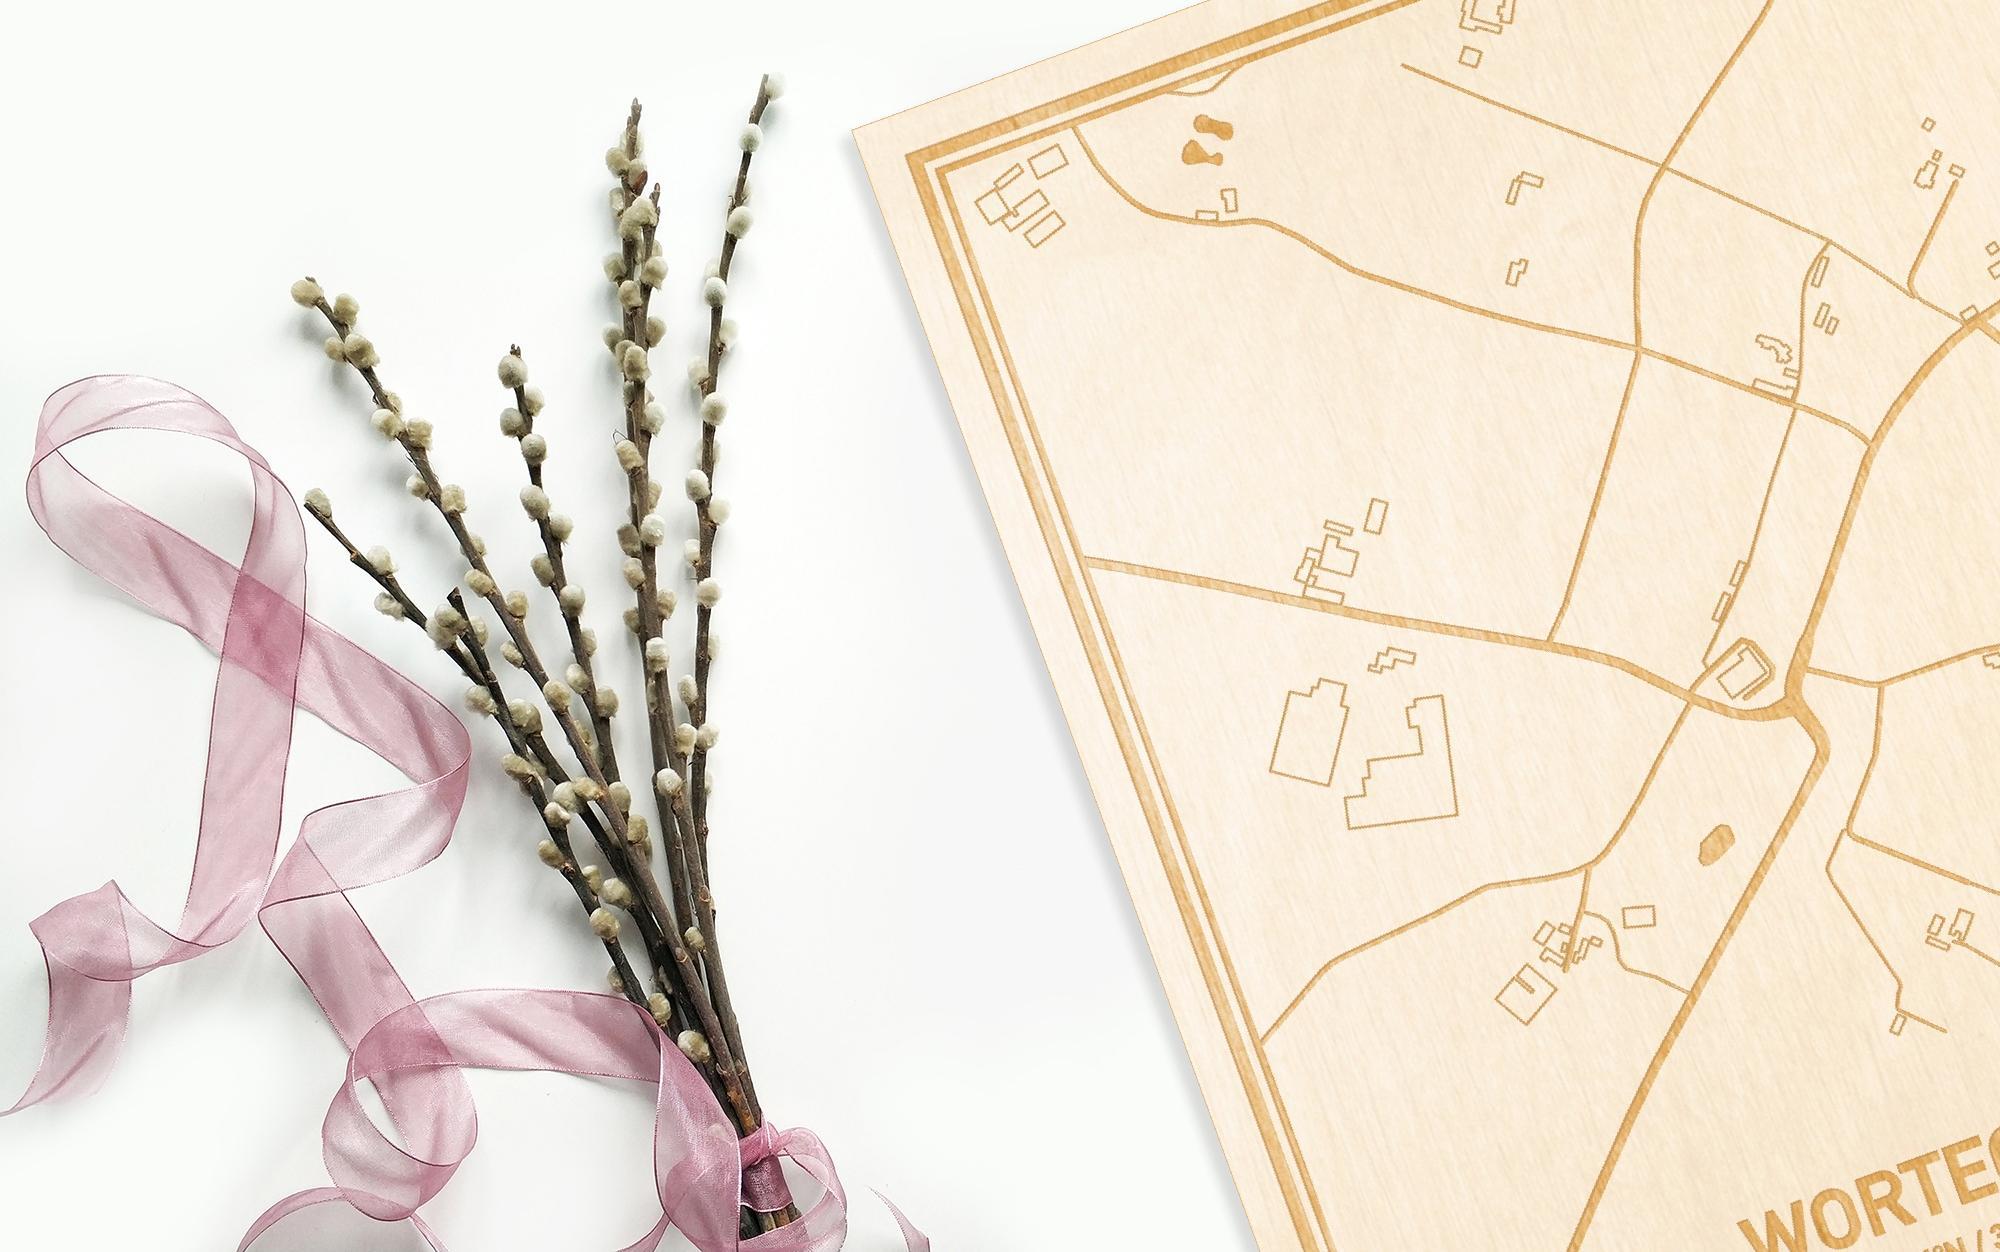 Hier ligt de houten plattegrond Wortegem naast een bloemetje als gepersonaliseerd cadeau voor haar.